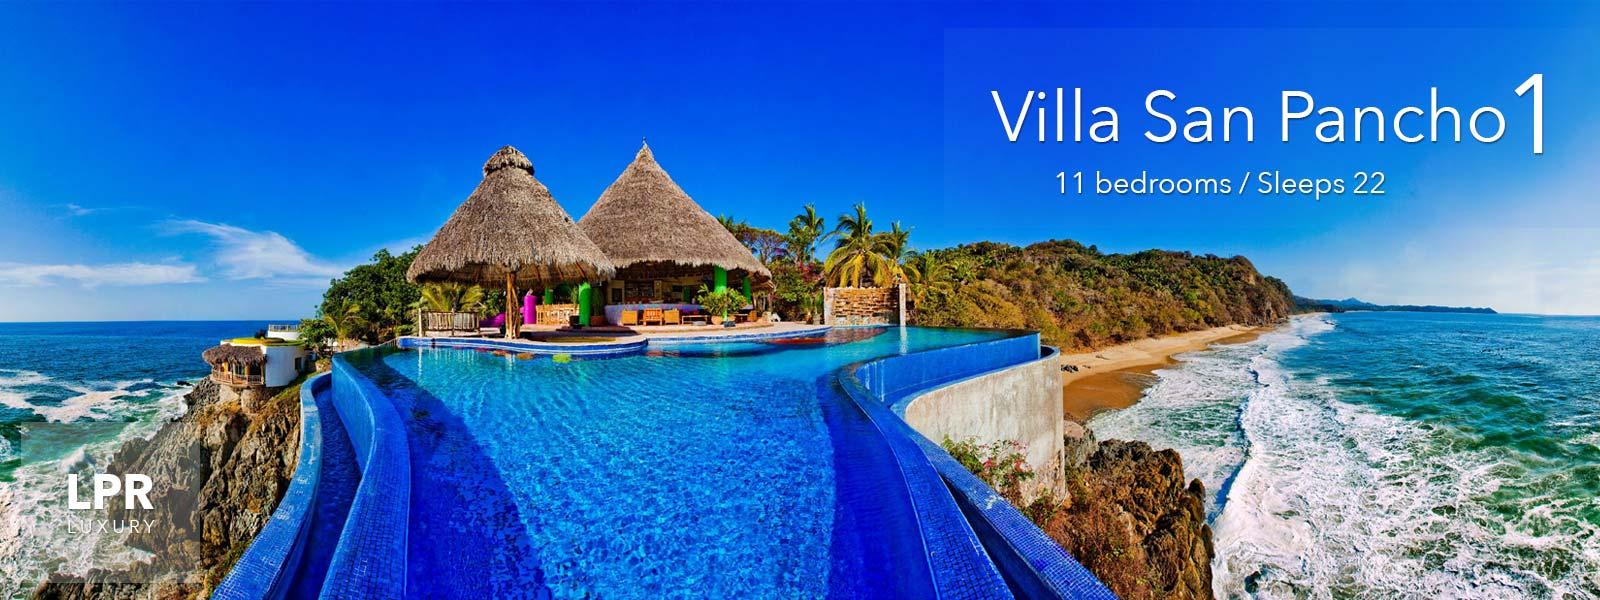 Villa San Pancho 1 - Riviera Nayarit, Mexico